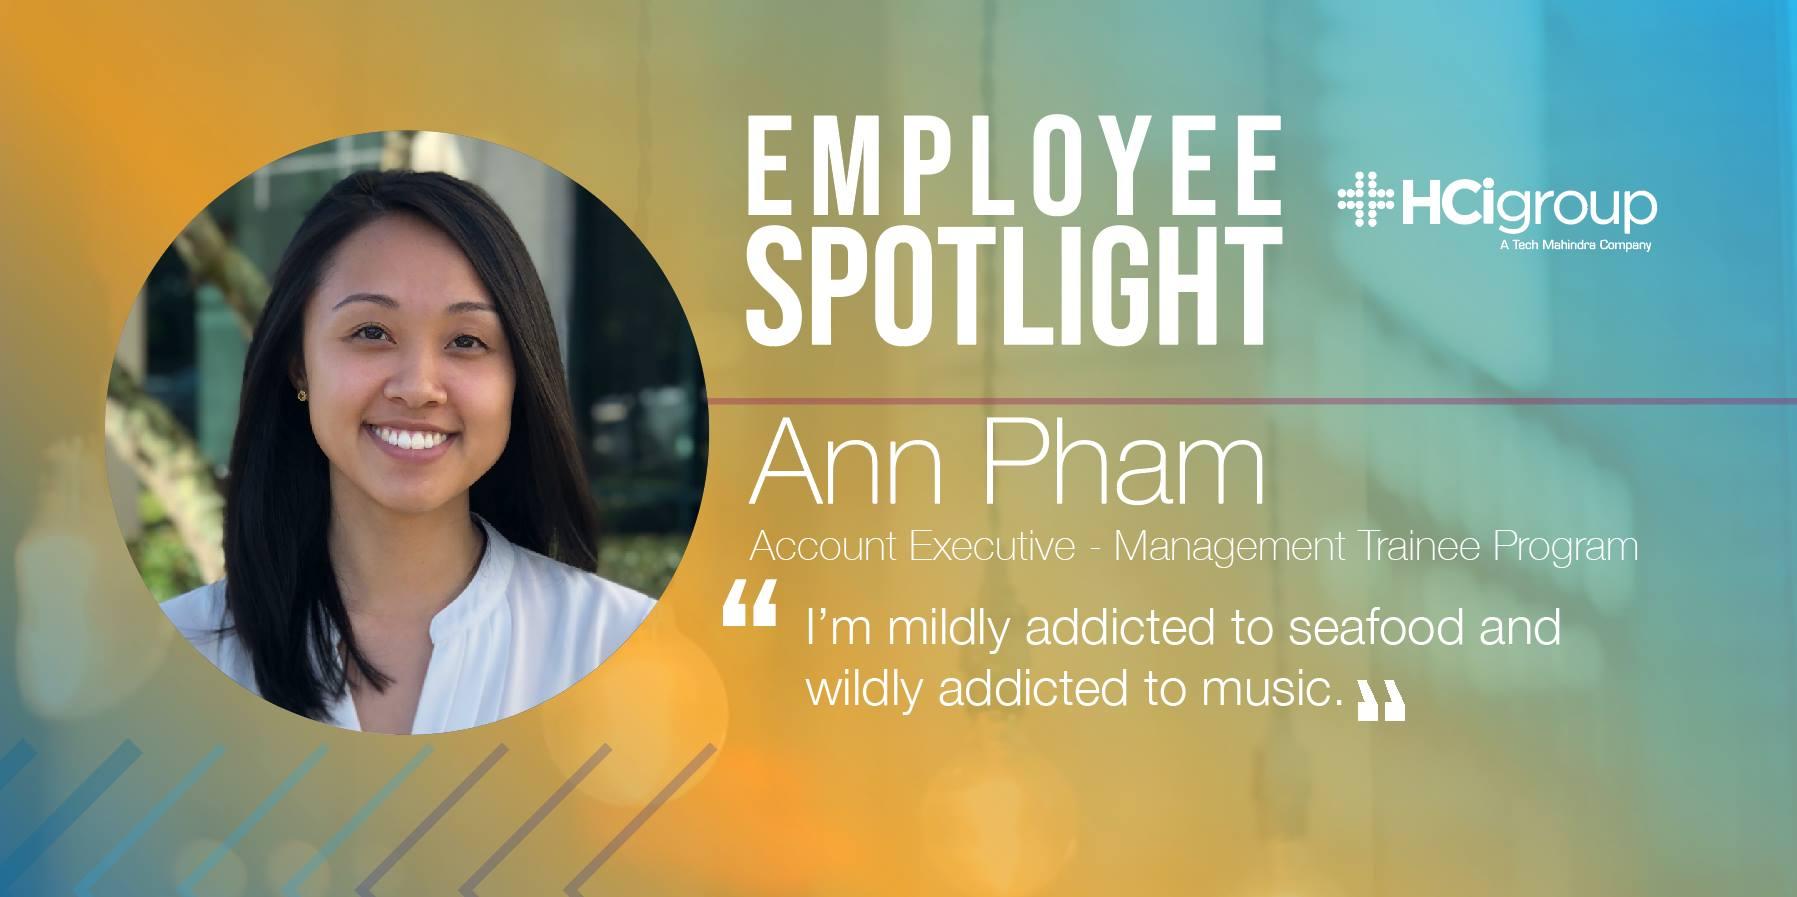 Ann Pham